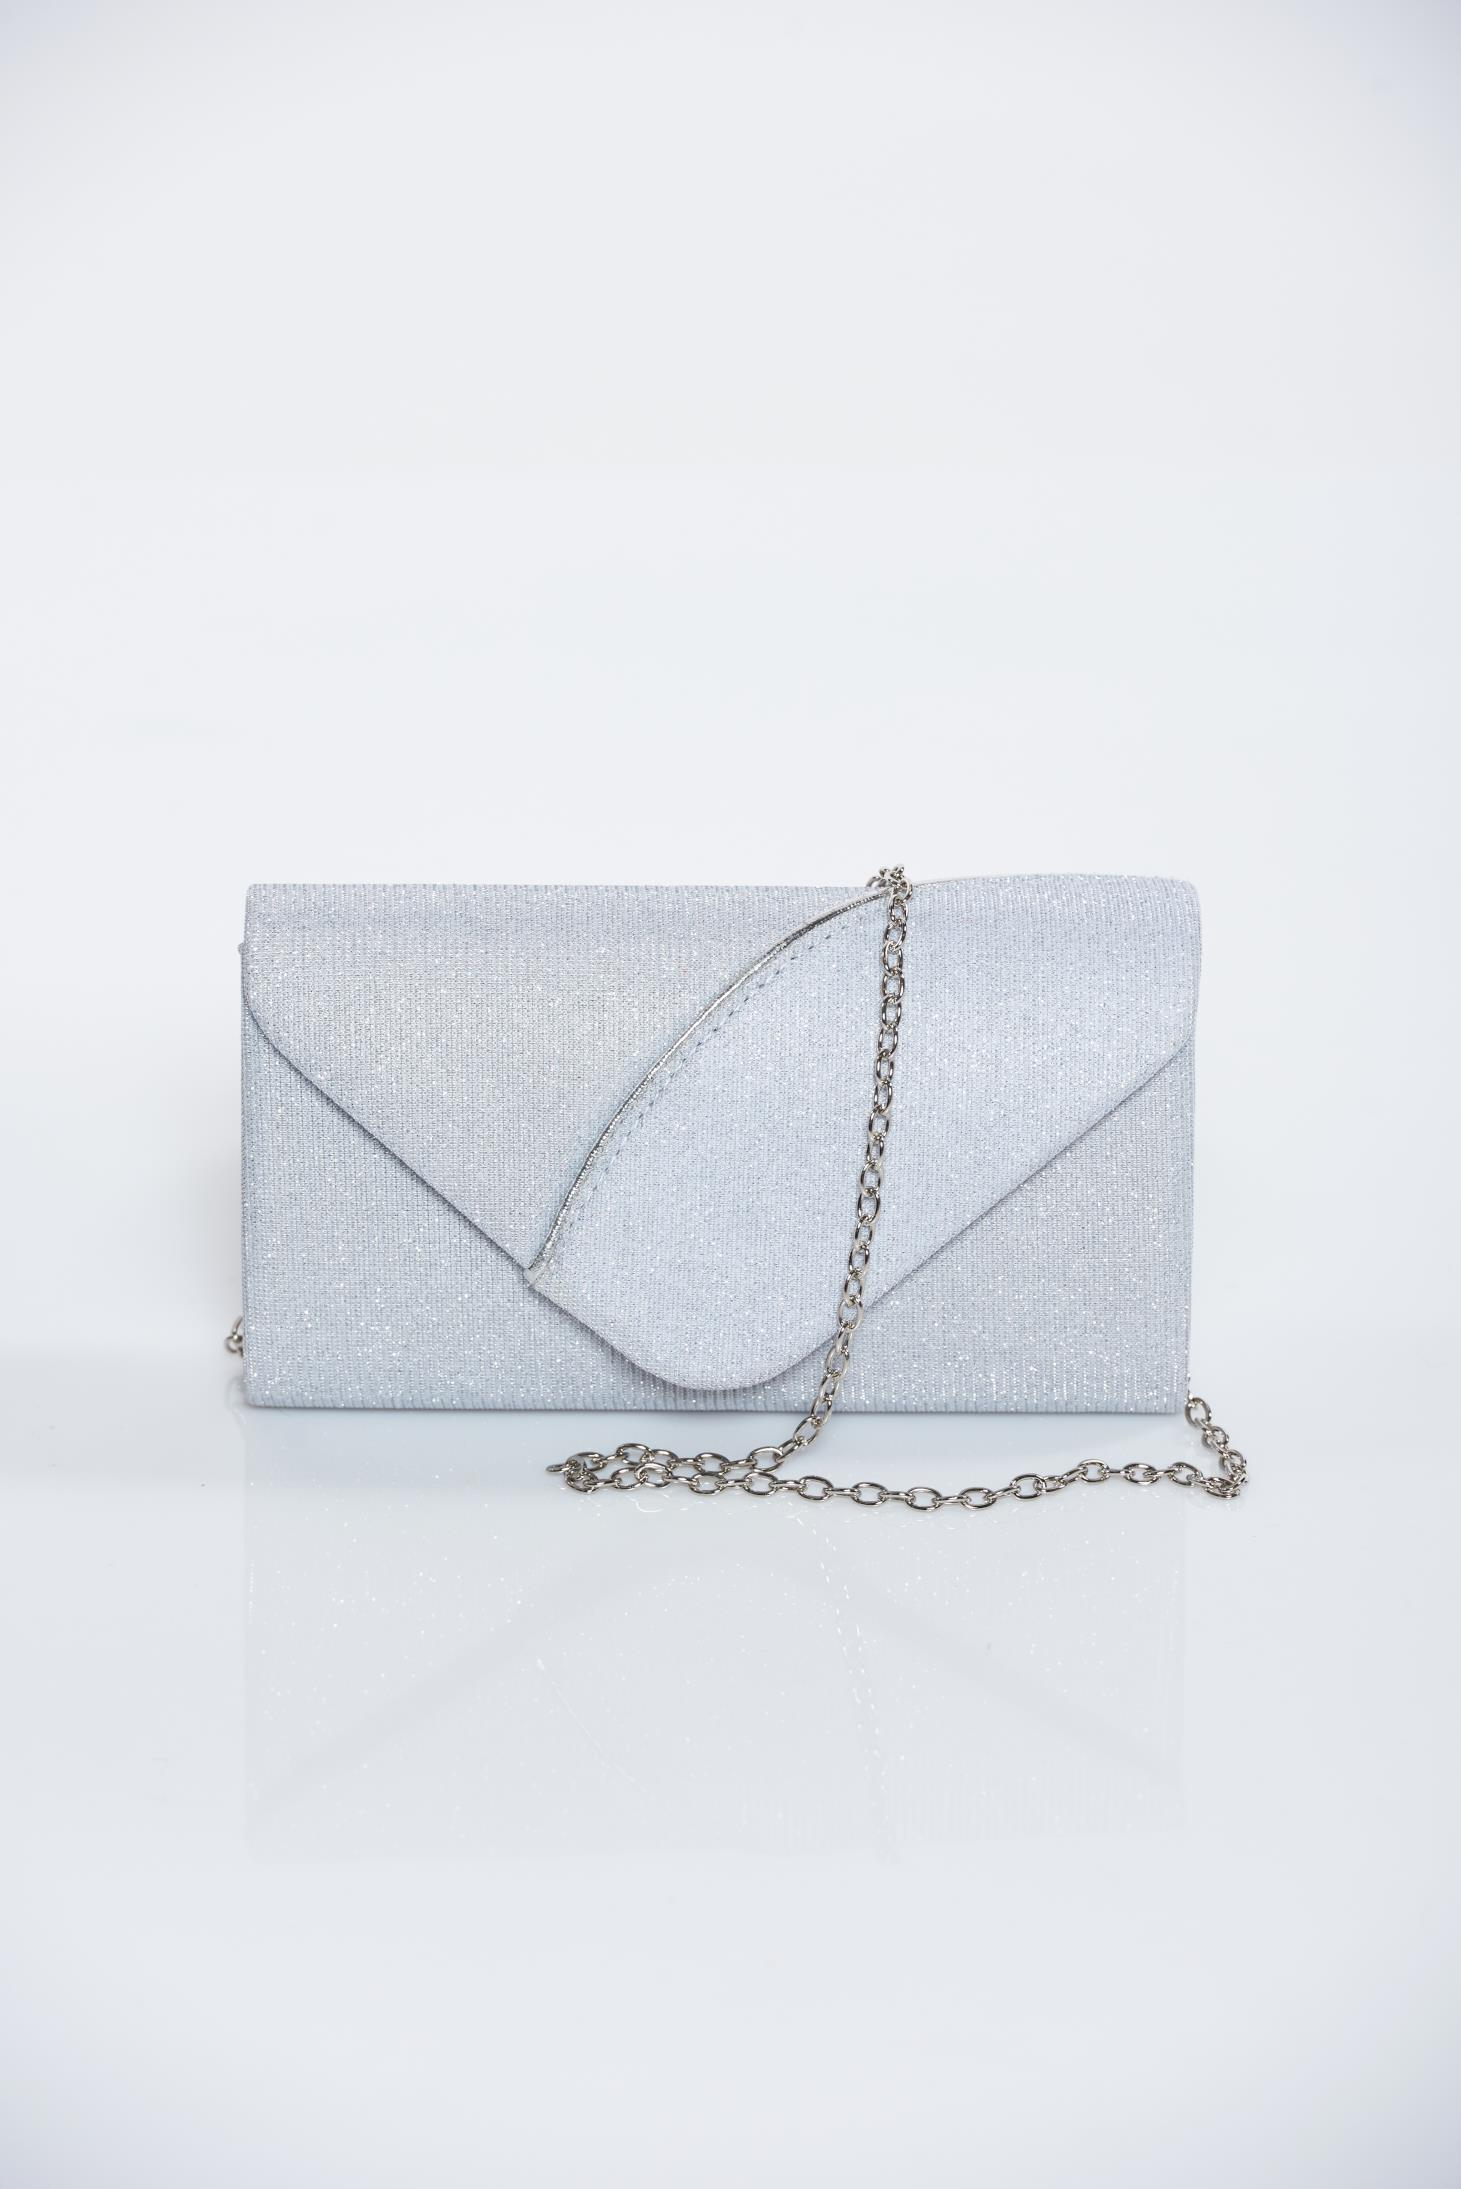 7ef4981d42 Ezüst alkalmi táska csillogó díszítések lánccal